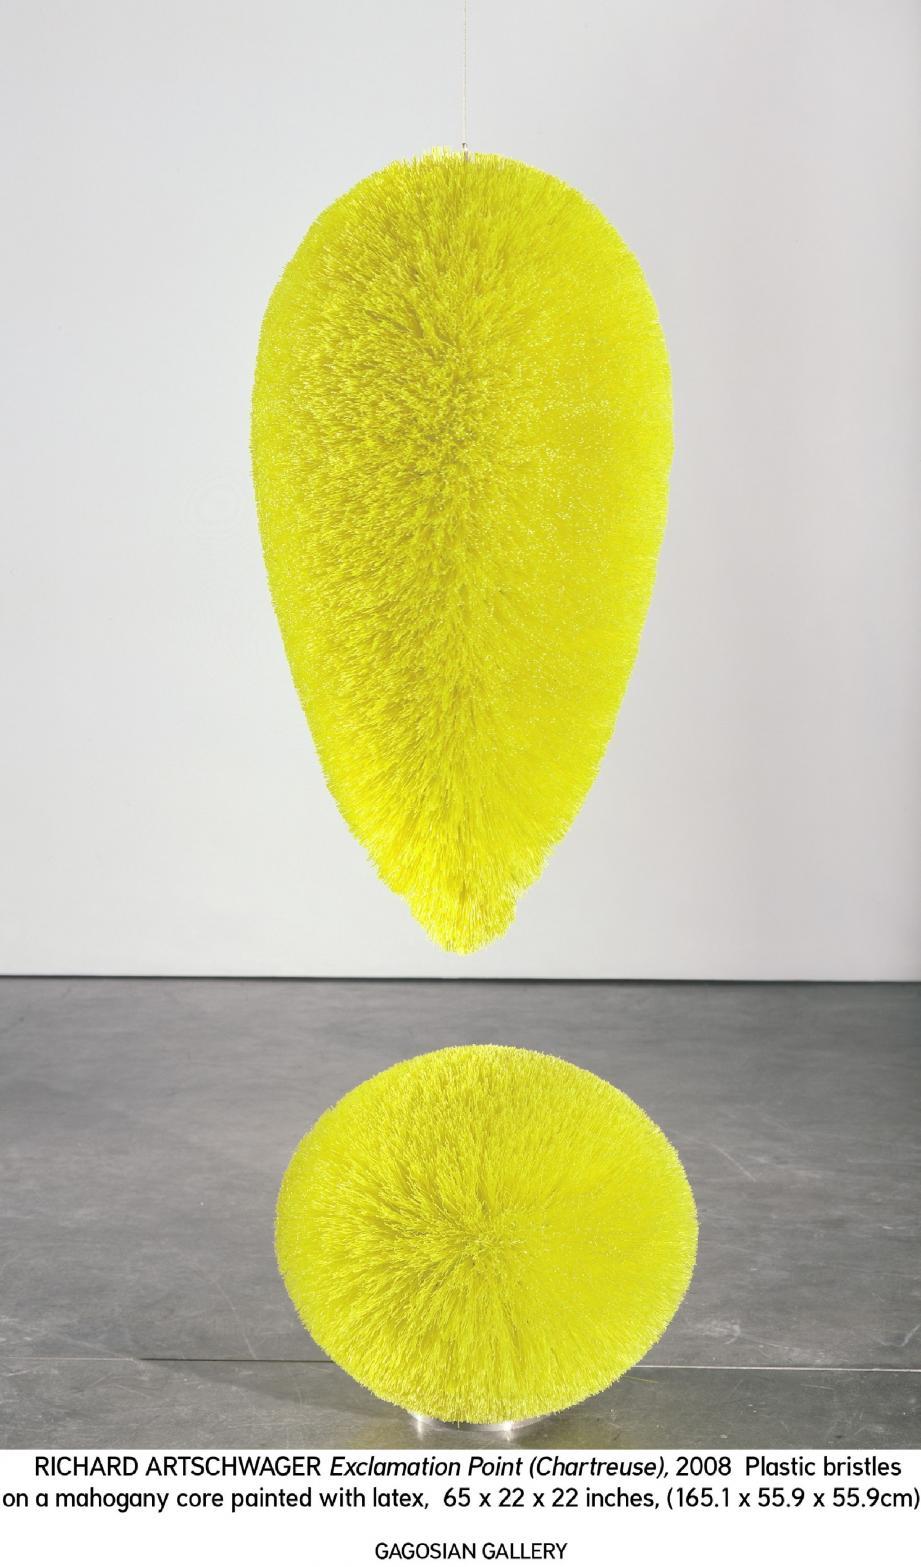 « Exclamation Point » , l'une des œuvres représentatives du travail de Richard Artschwager, présente dans l'exposition qui s'ouvre jeudi.